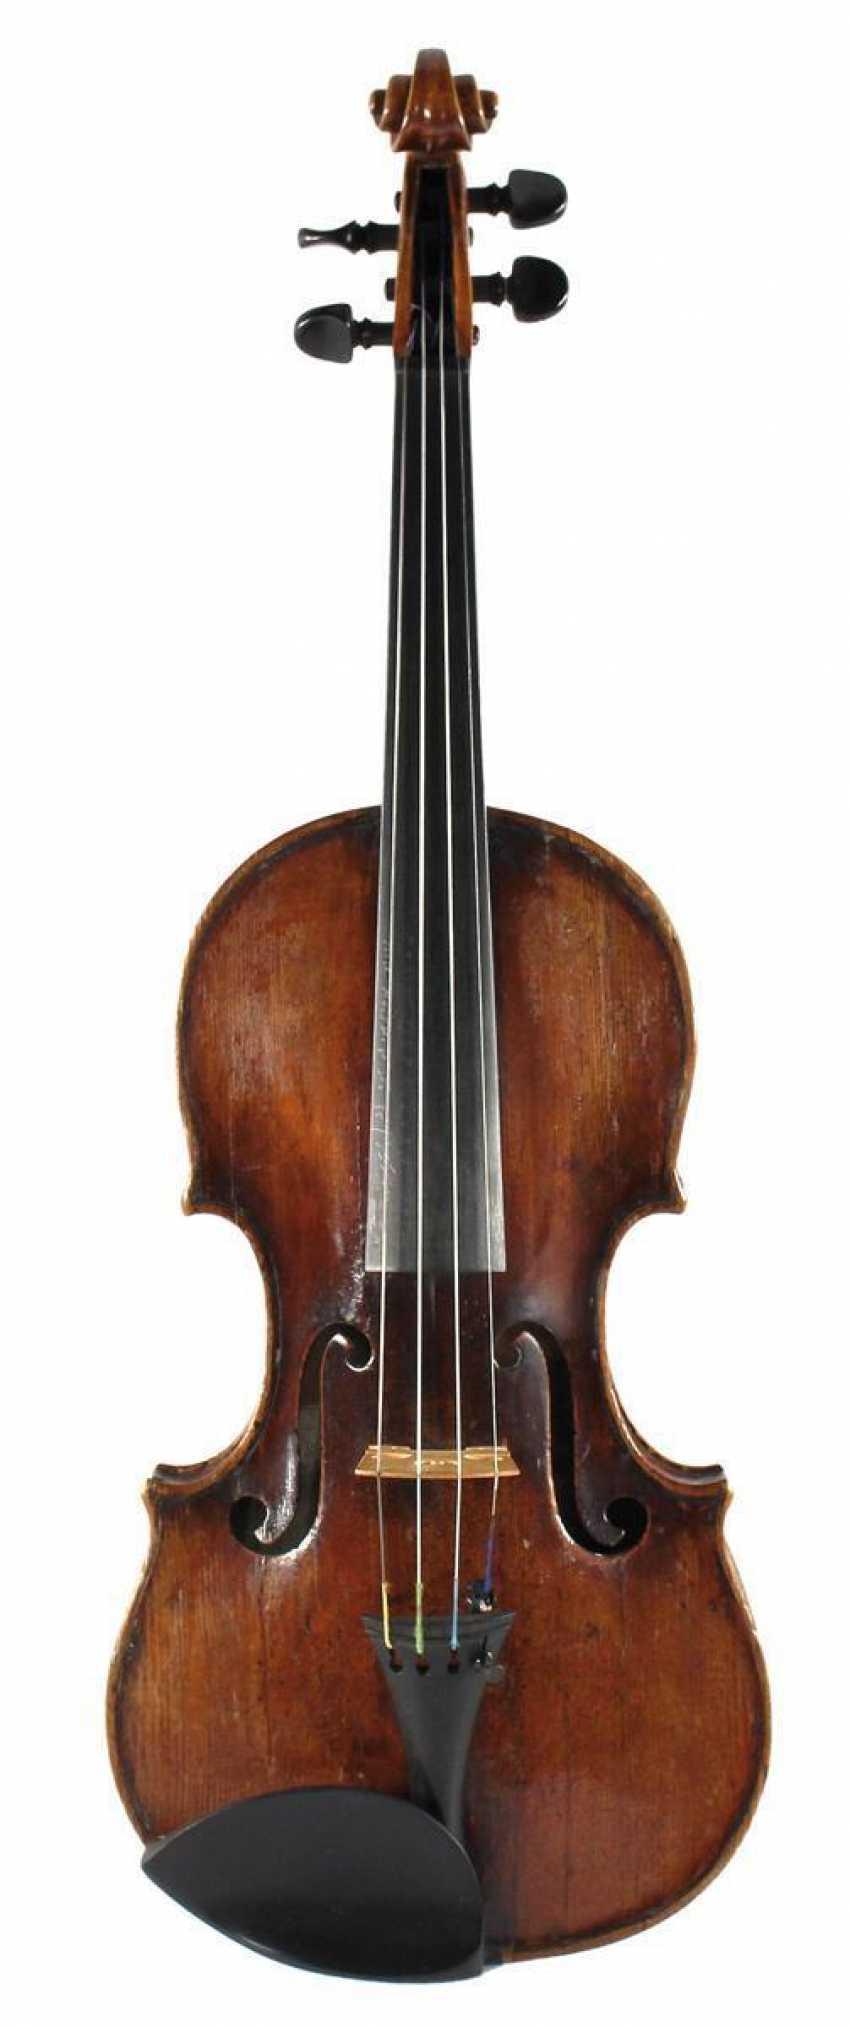 распространение опухолевого фото скрипки гранчино будут располагаться